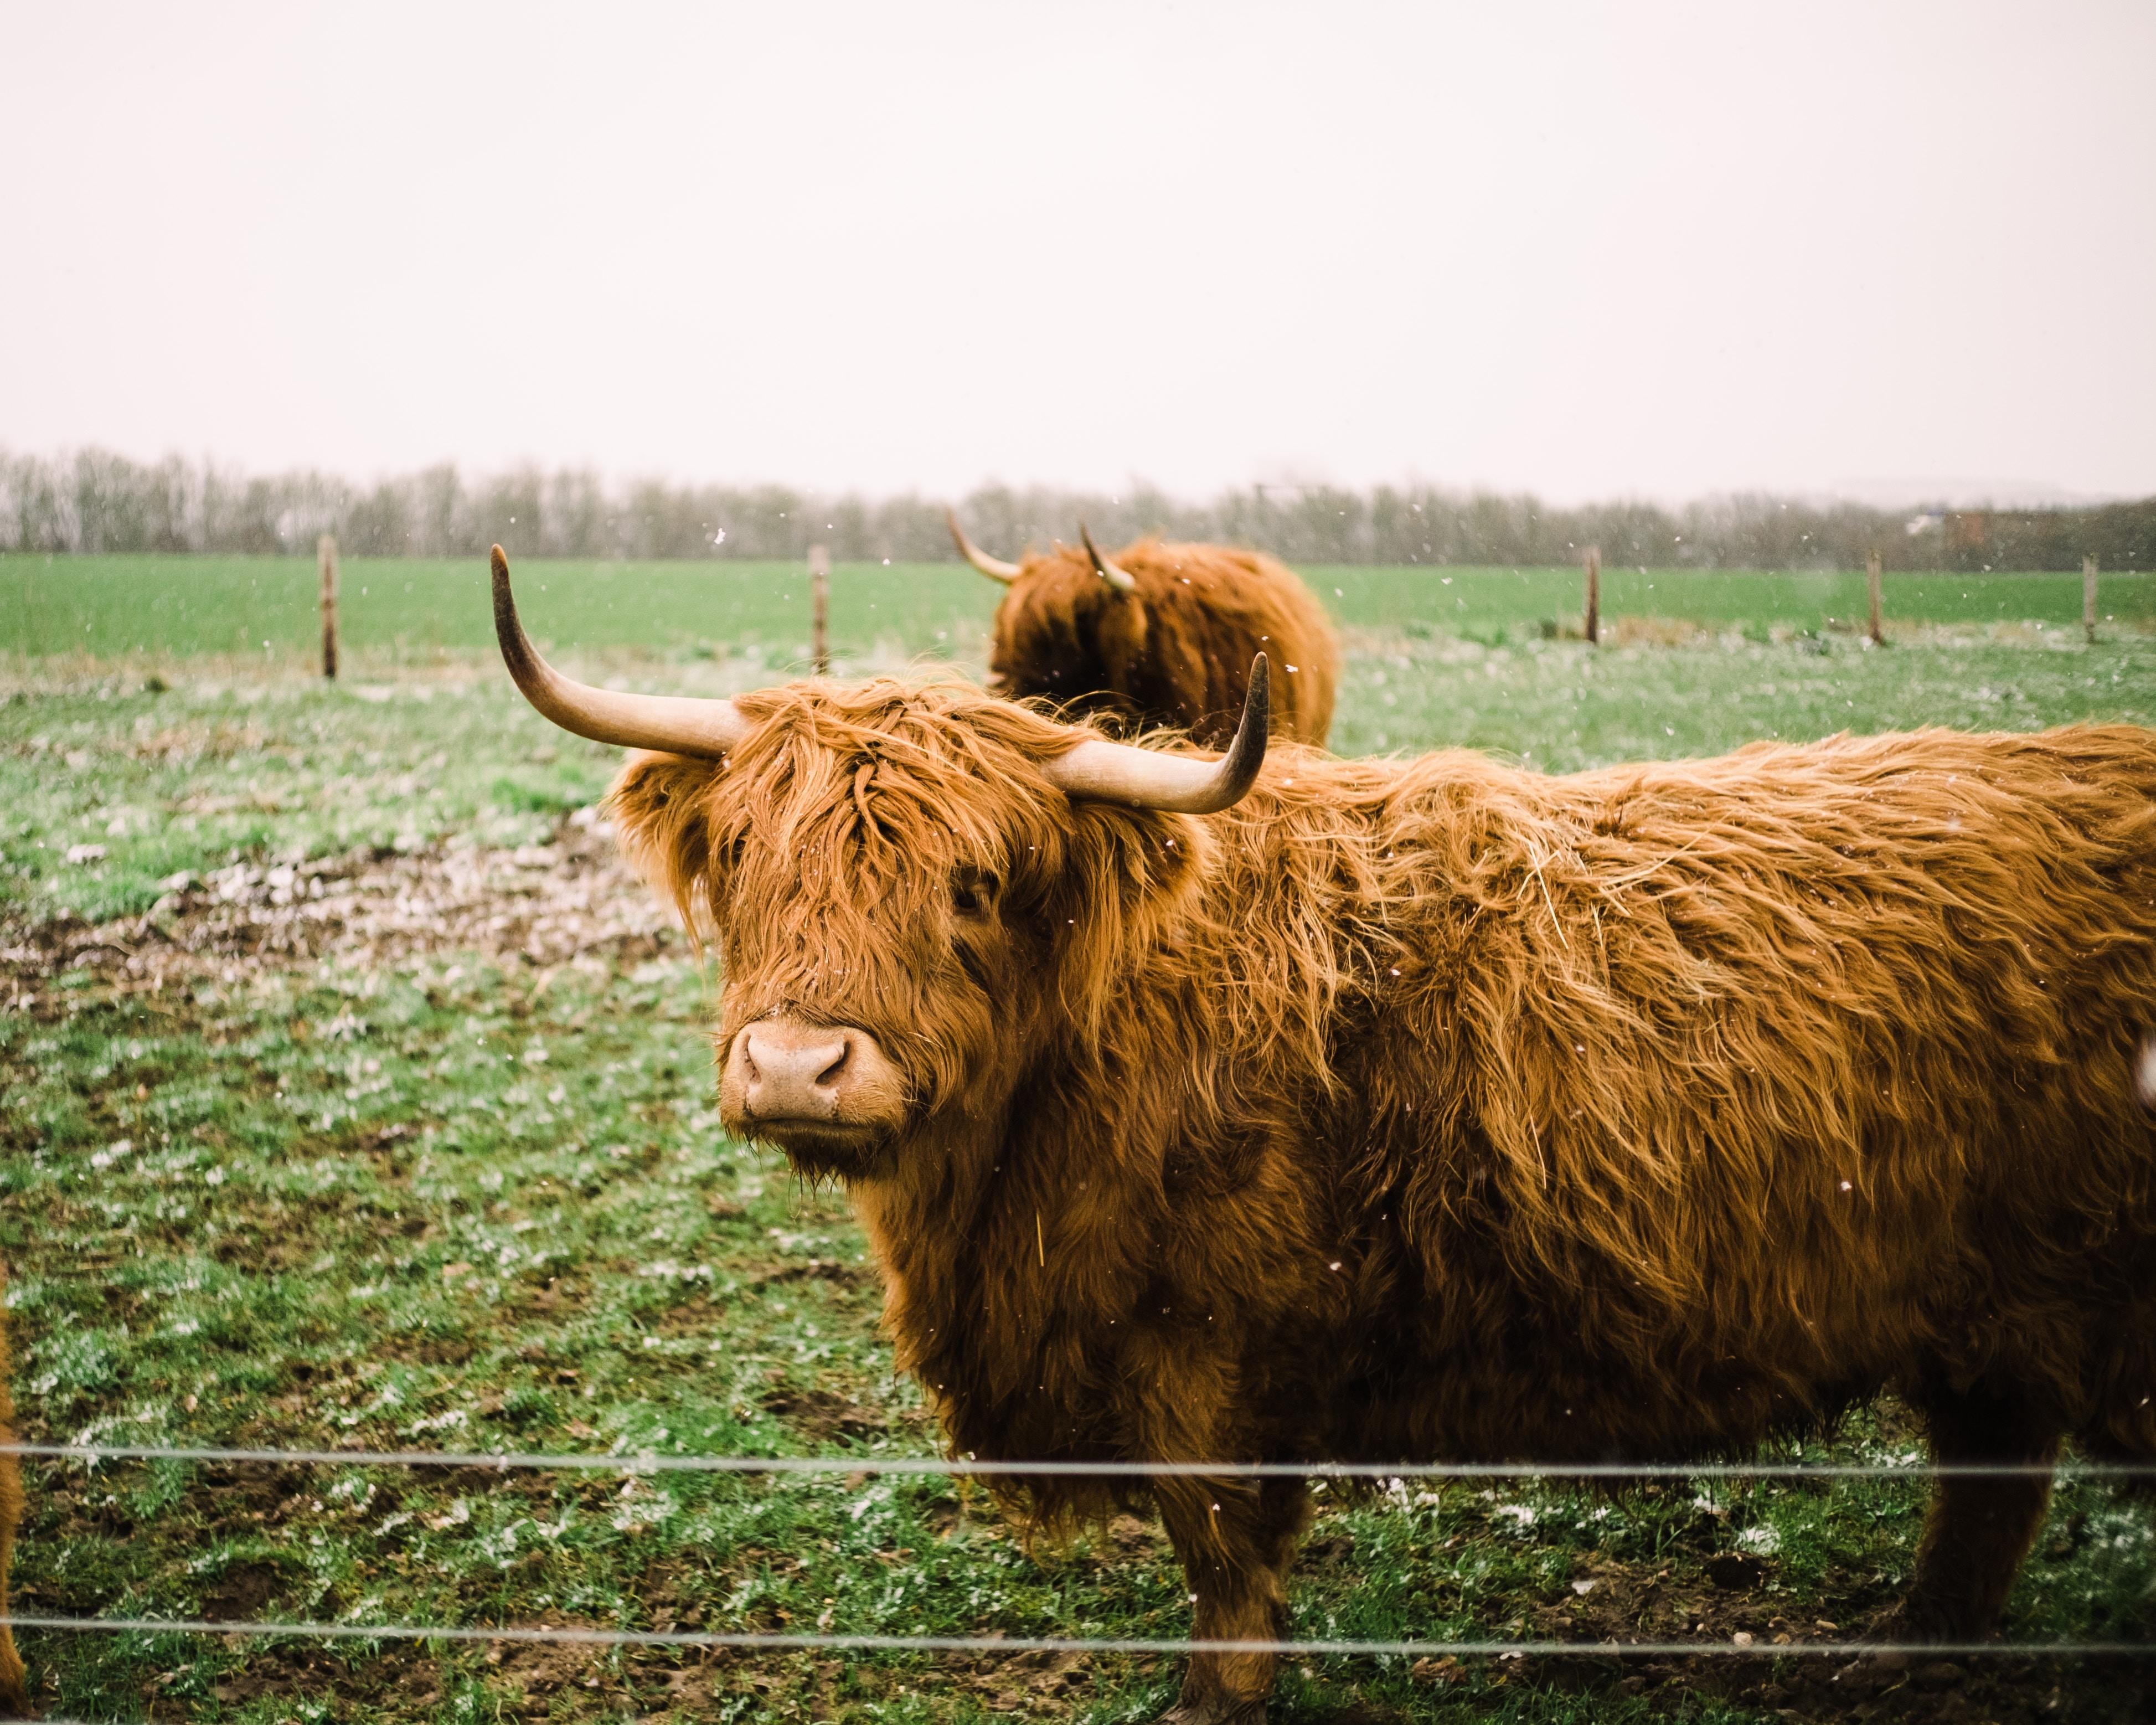 buffalo on green field